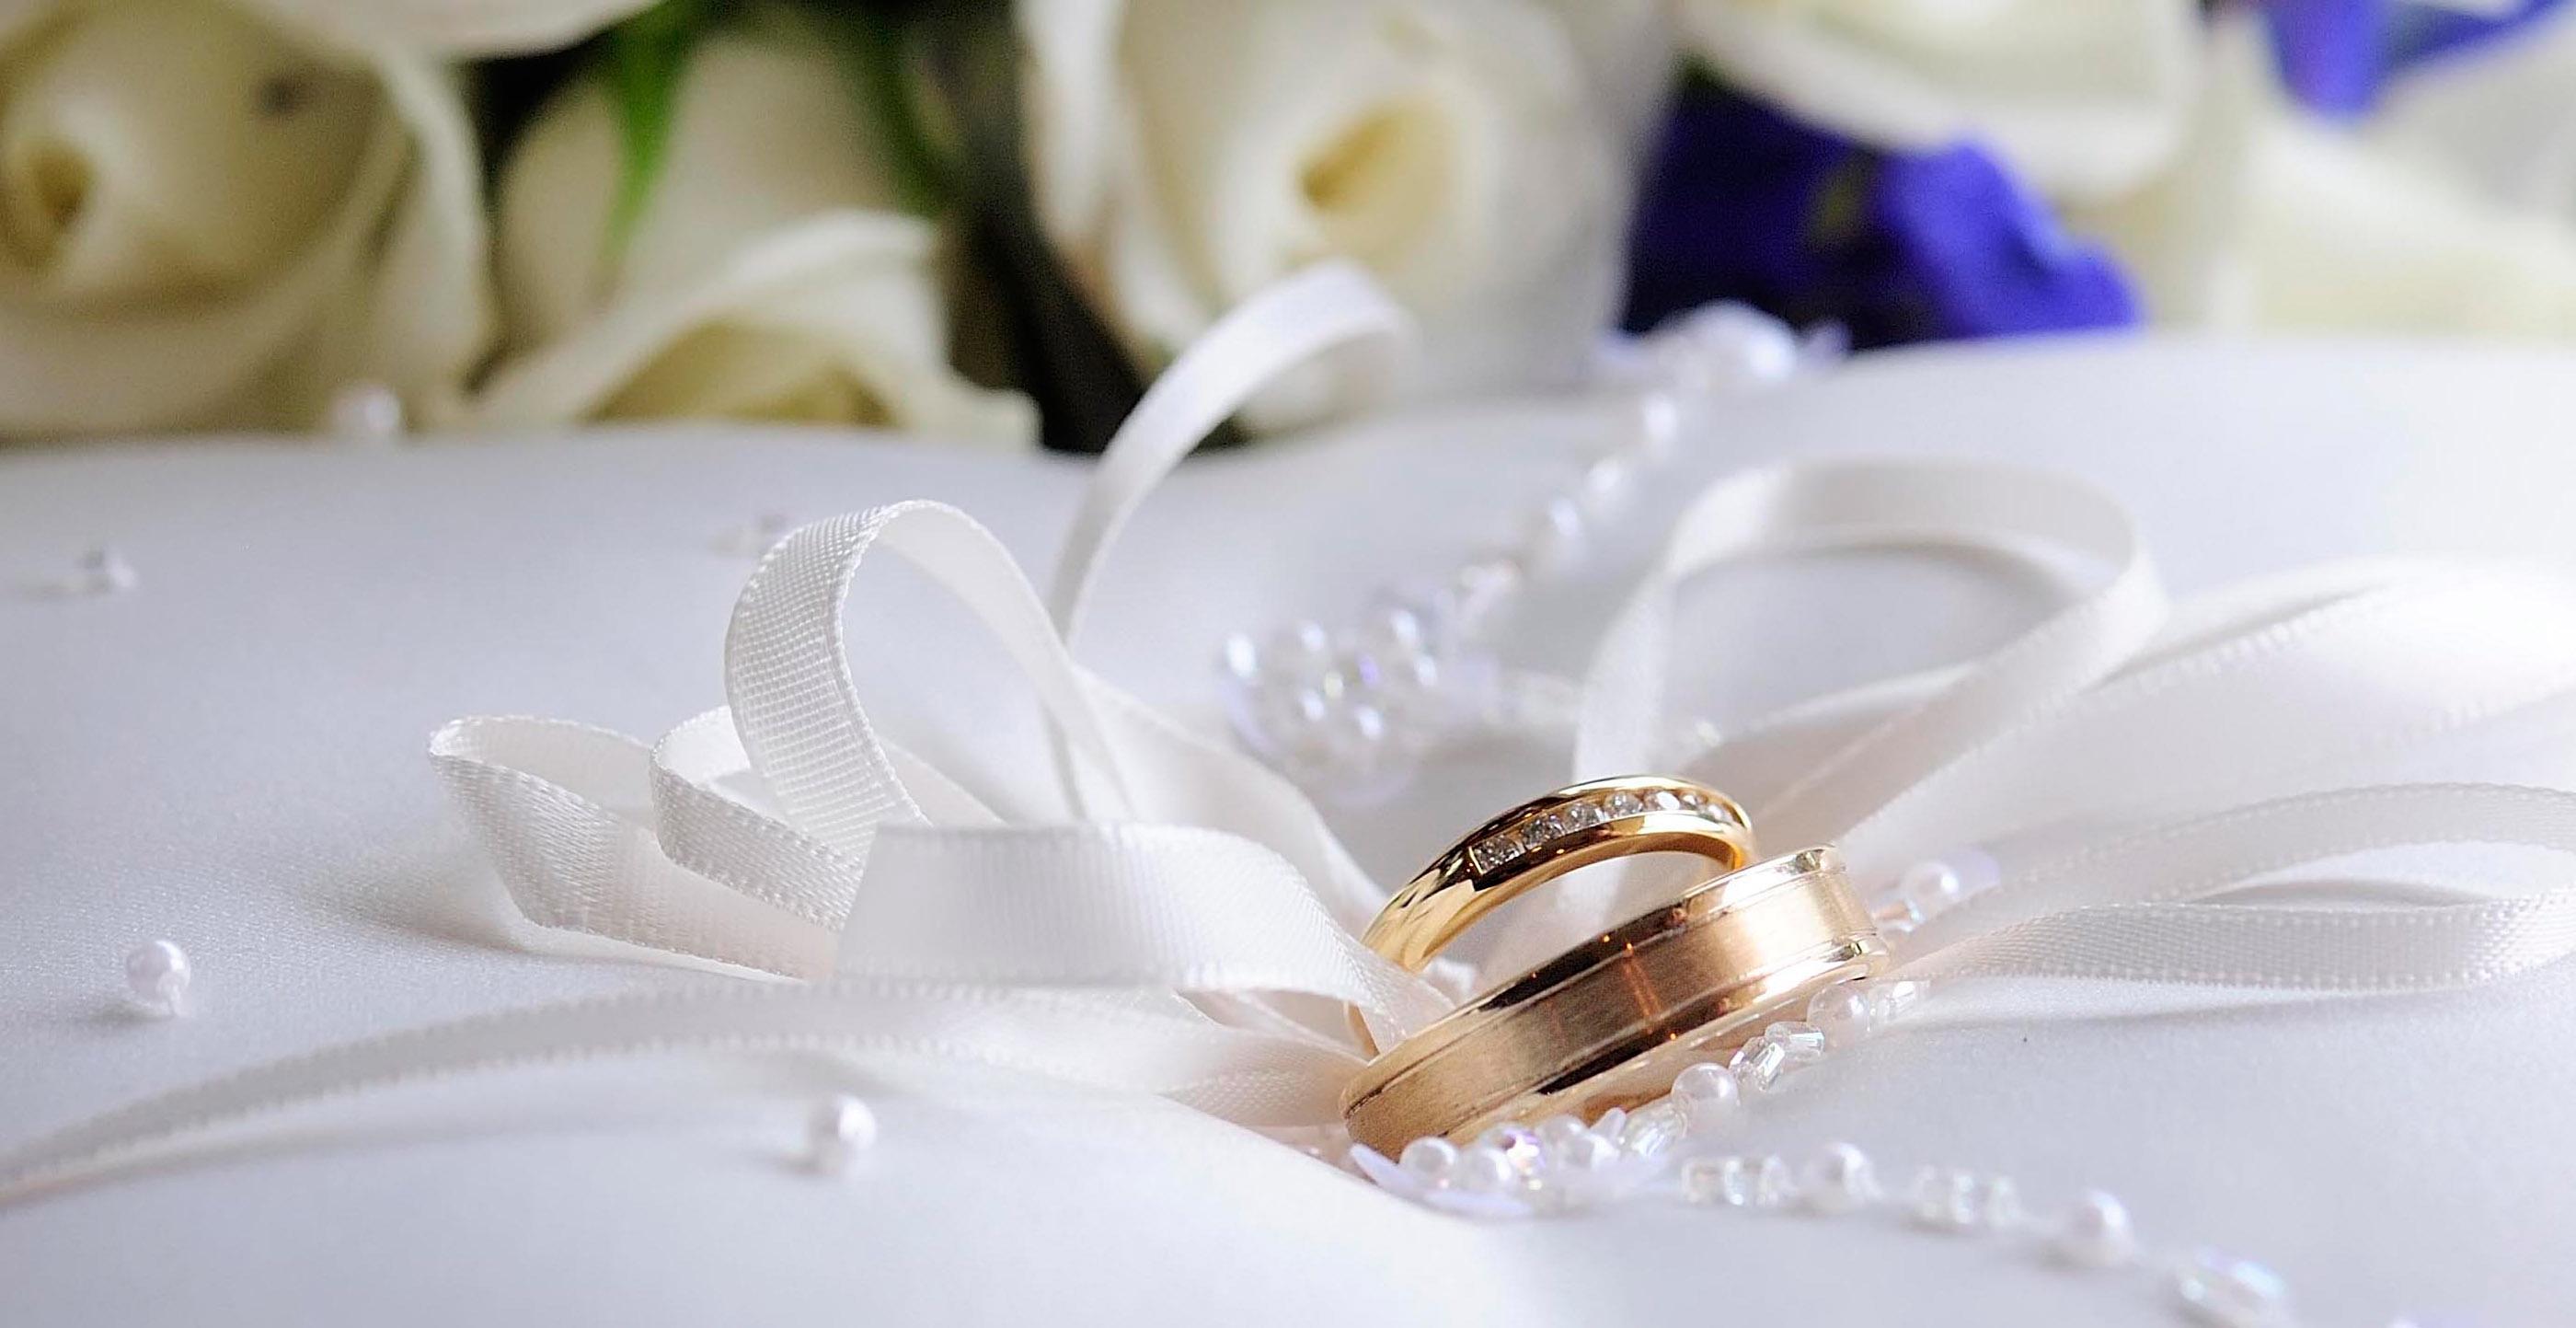 دراسة.. العزاب يفشلون في الزواج وتكون أسرة بعد الـ 40